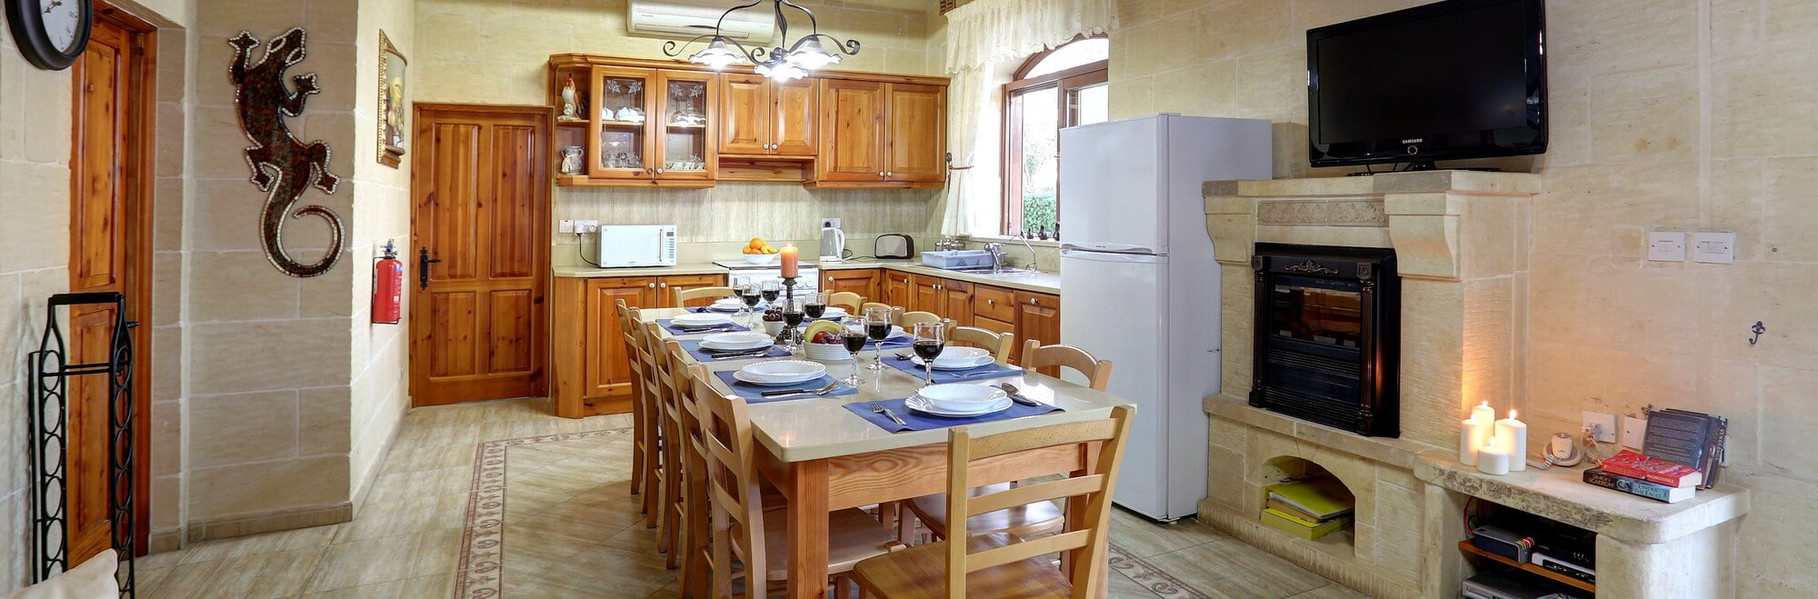 kitchen-farmhouse-villa1.jpg